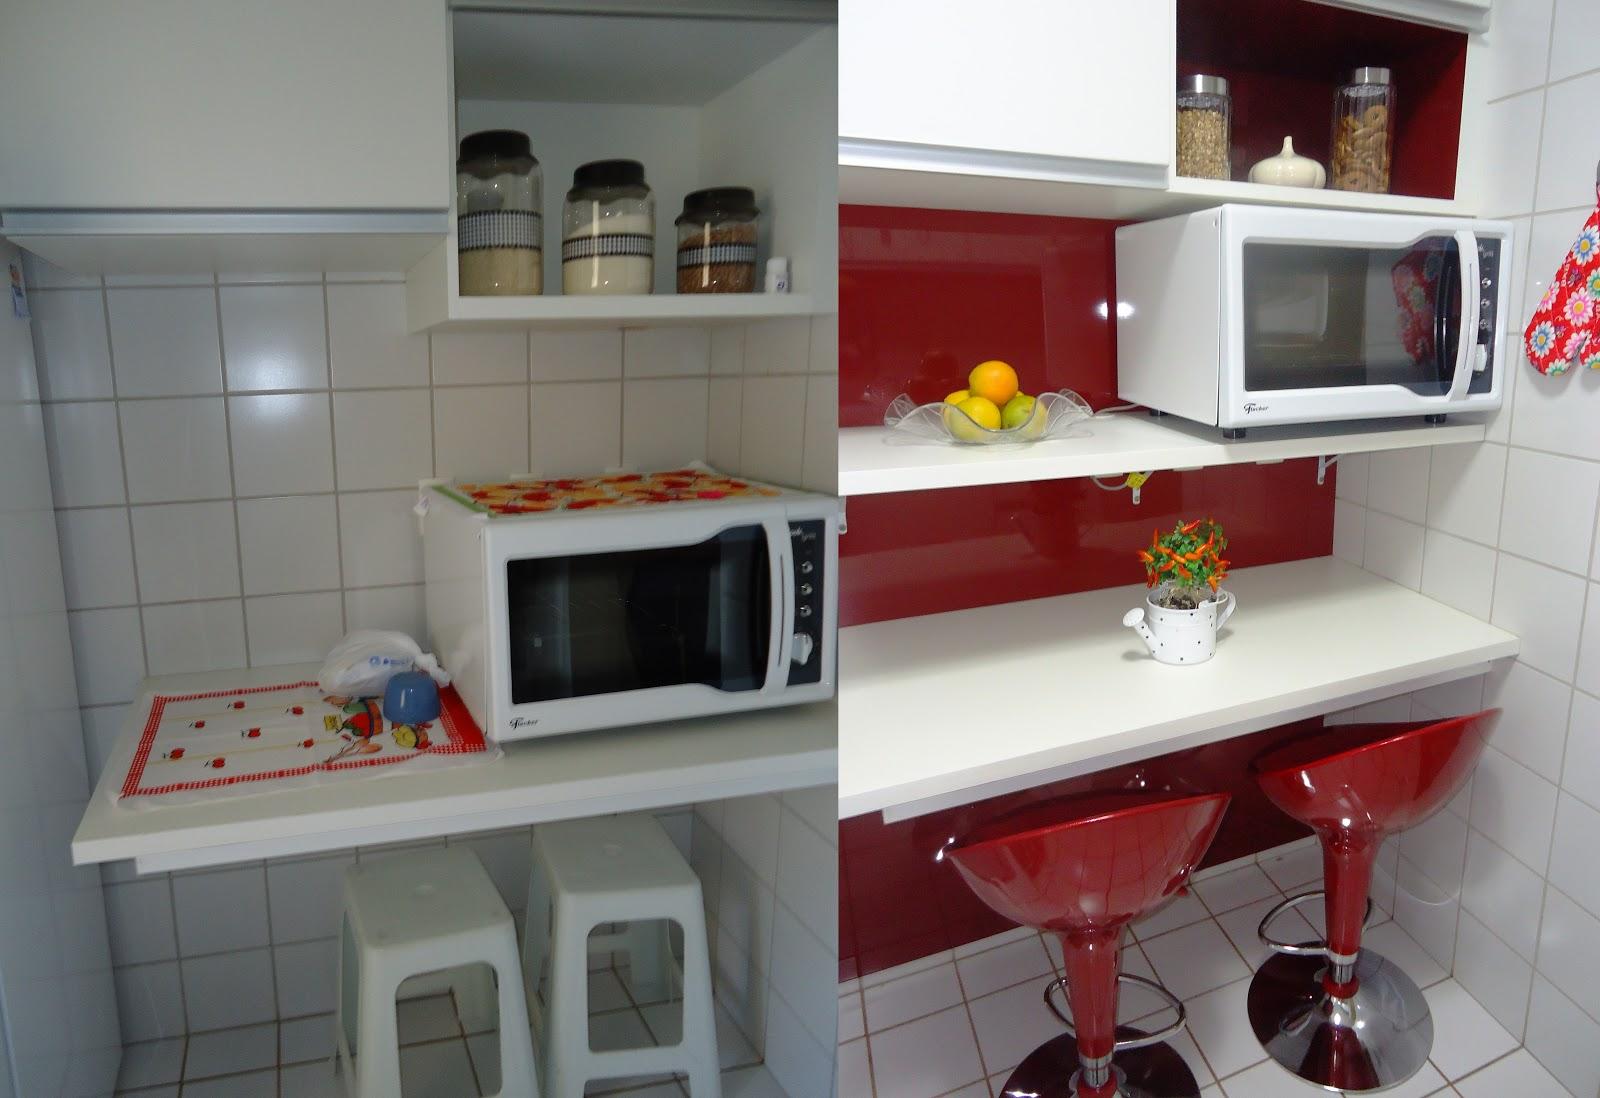 Cozinha: recebeu fórmica brilhante vermelha e banquetas na mesma cor #6C2423 1600 1098